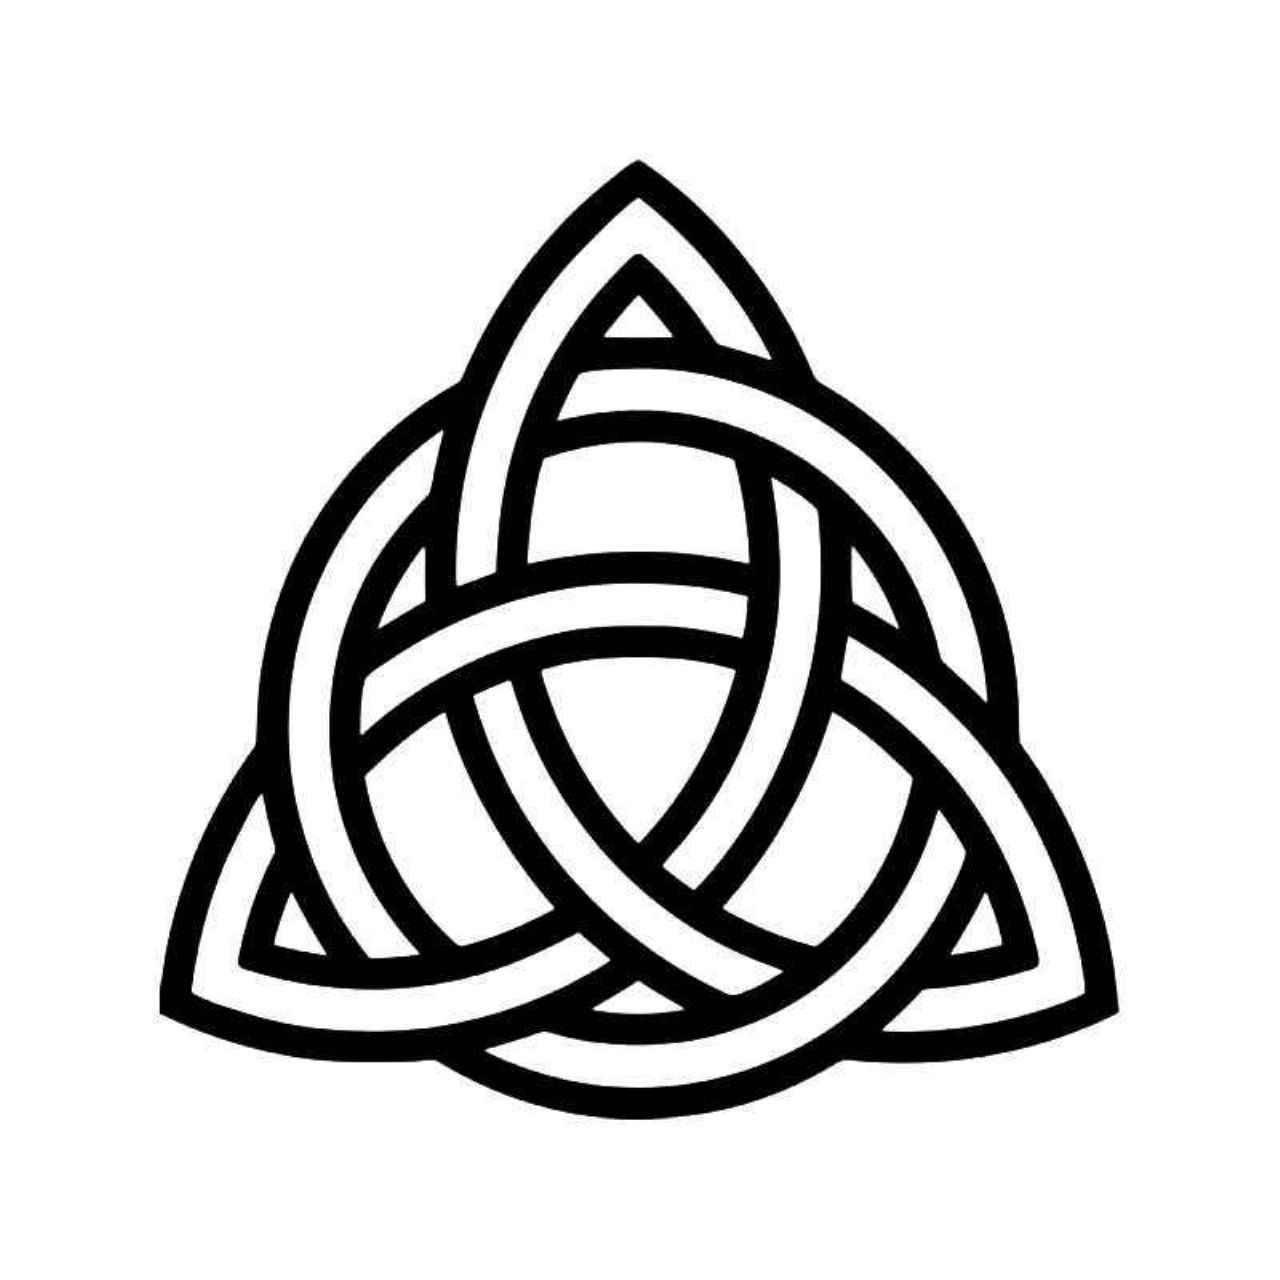 Тату с узорами: кельтские, мужские, женские. значение + 110 фото